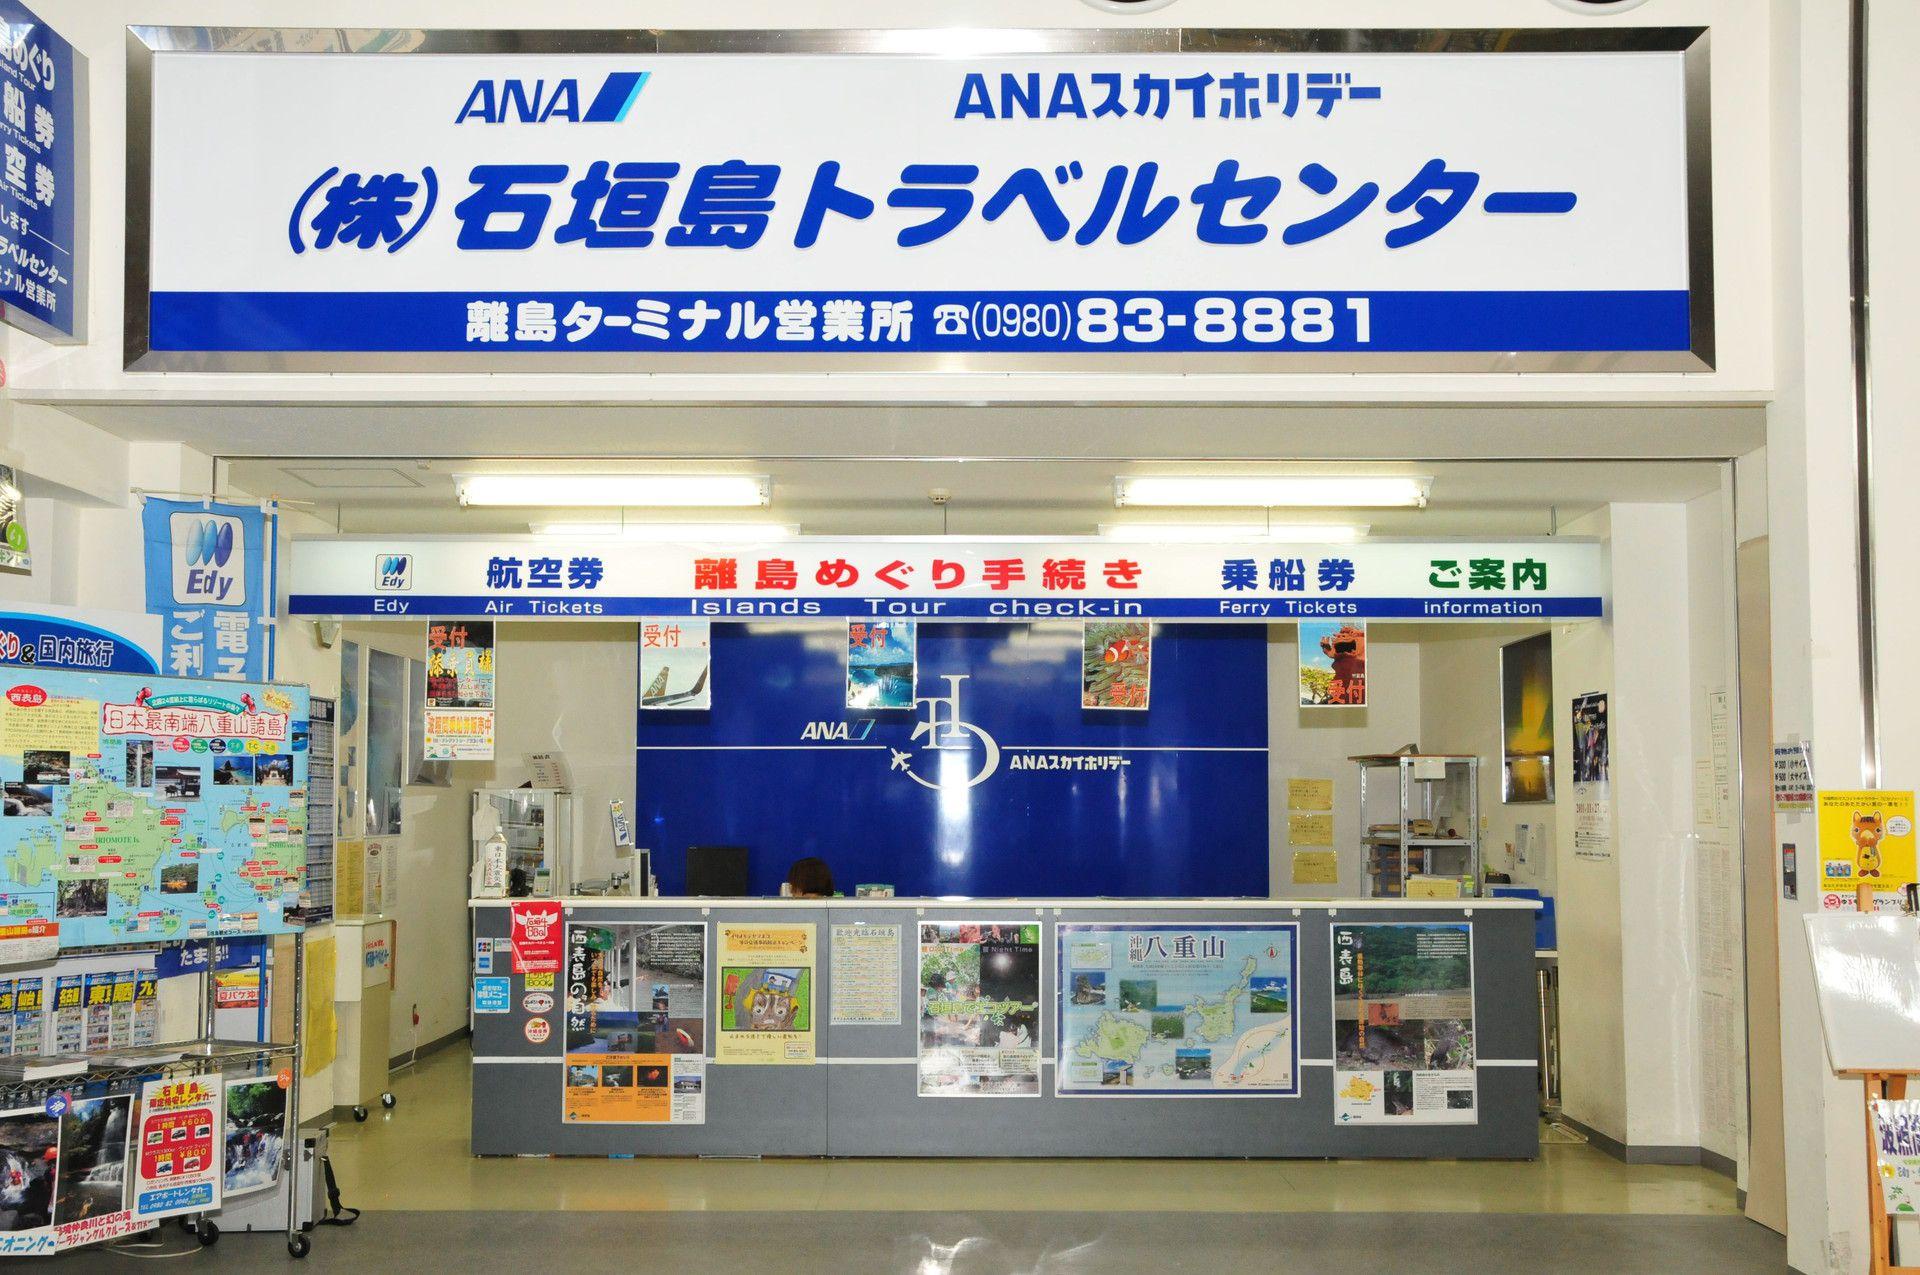 株式会社石垣島トラベルセンター離島ターミナル営業所